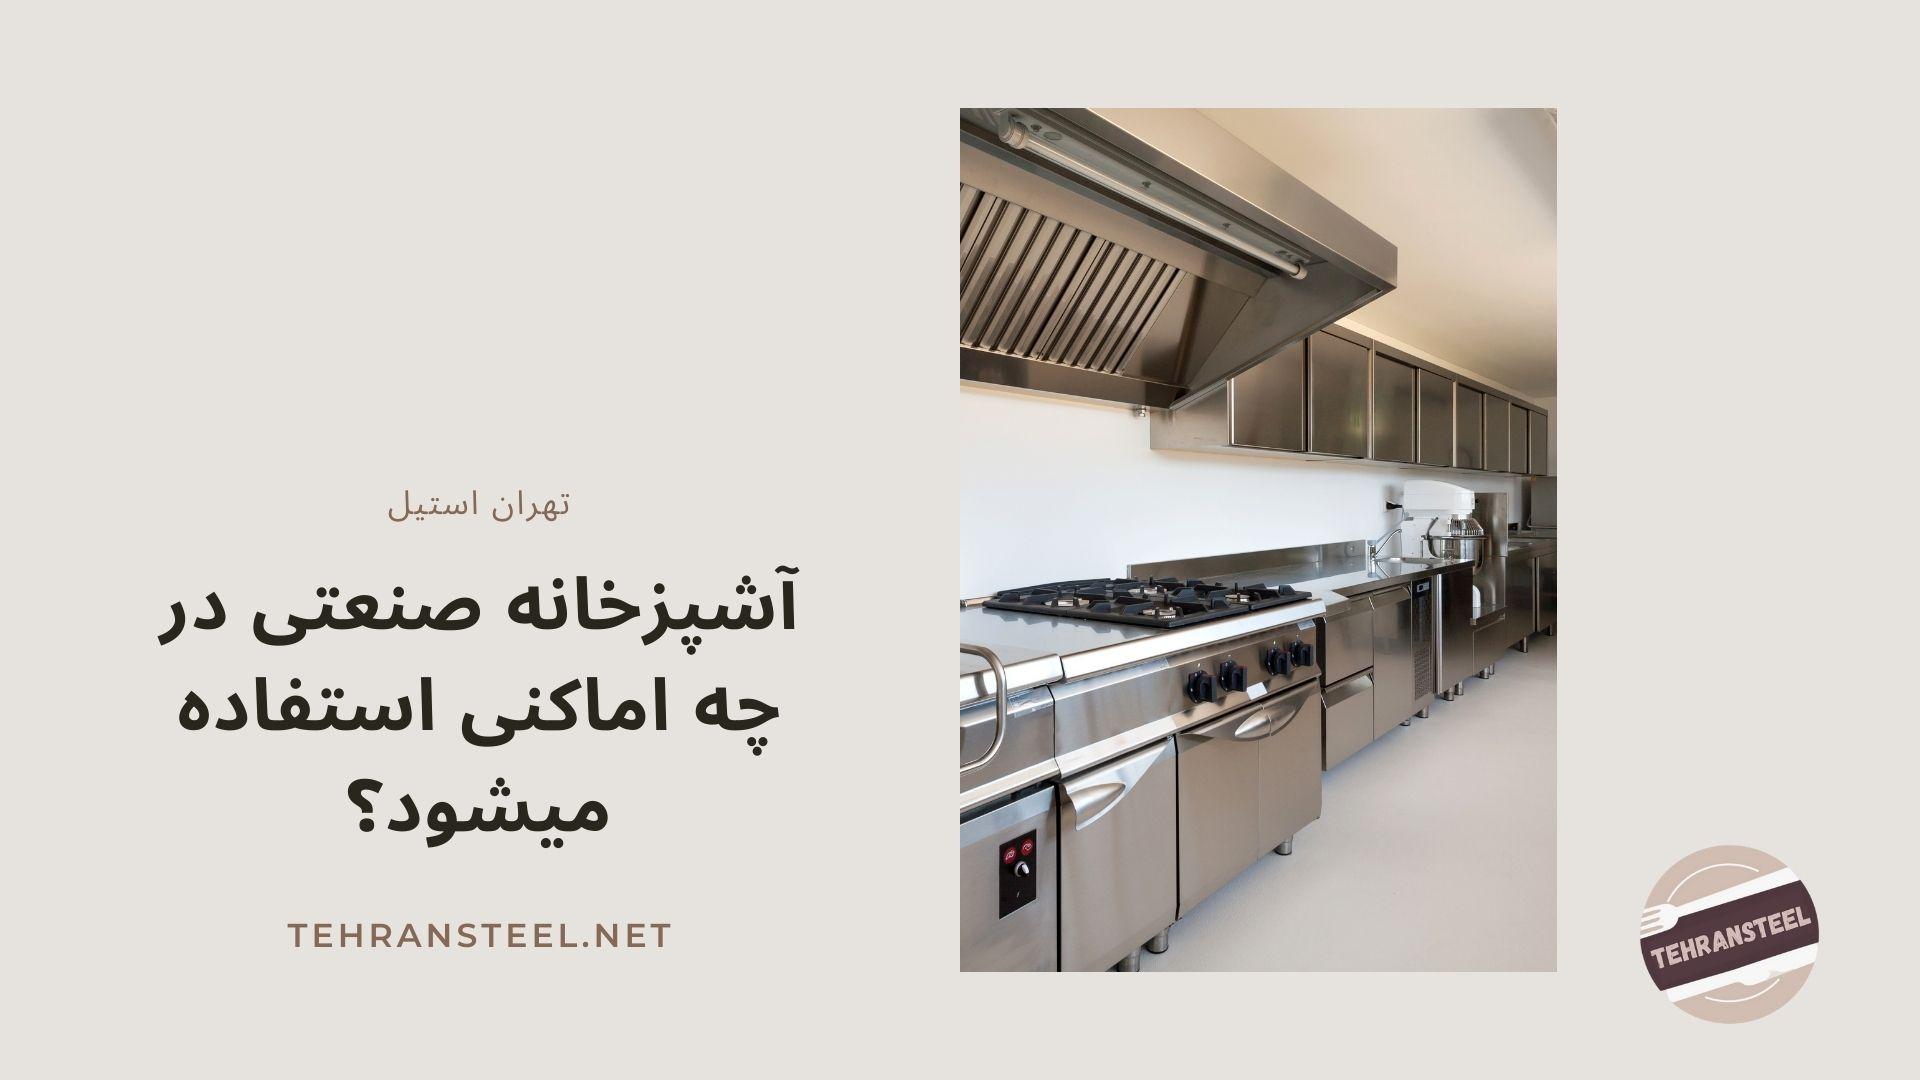 آشپزخانه صنعتی در چه اماکنی استفاده میشود